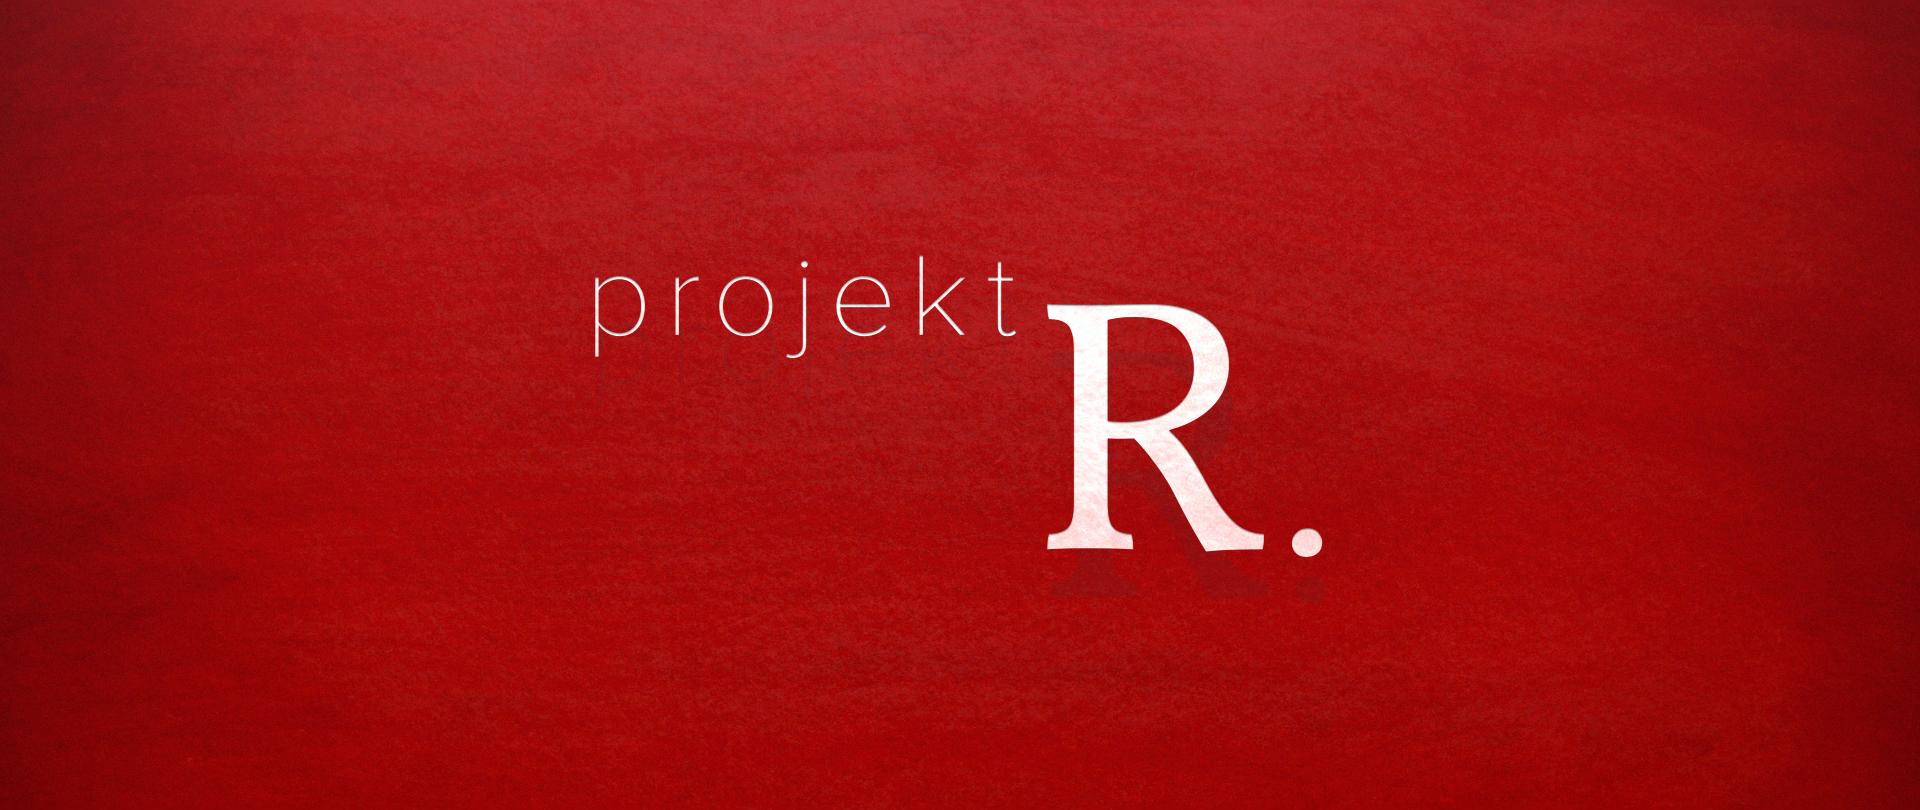 Projekt R. - Die Menschen. Ihre Region. Ihre Geschichten.